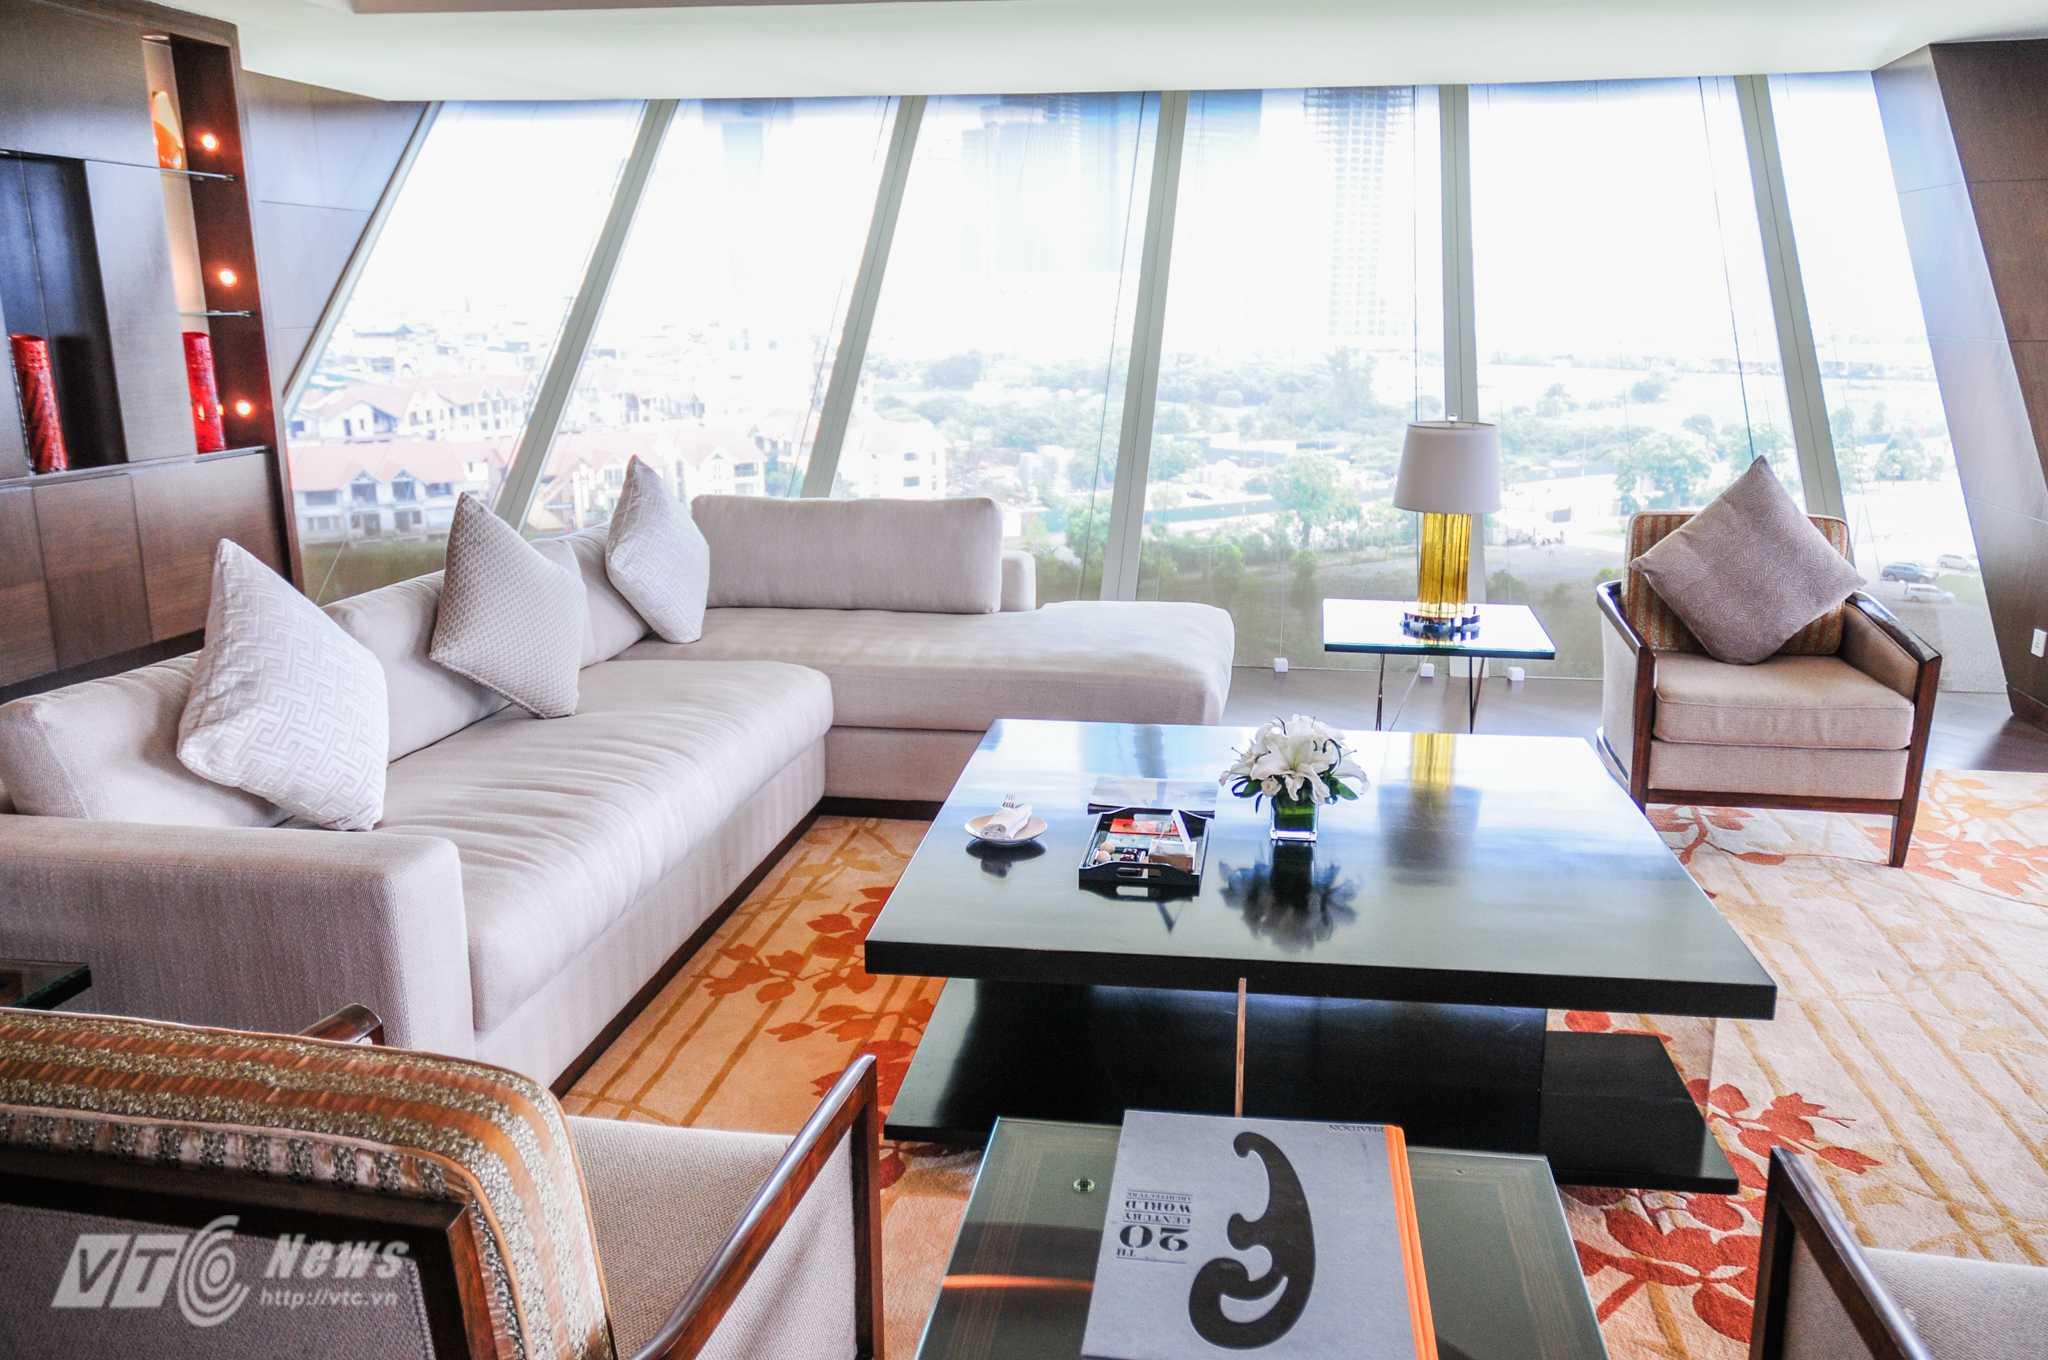 Căn phòng có 3 phía nhìn ra bên ngoài, có thể quan sát nhiều công trình lớn xung quanh khách sạn như Trung tâm Hội nghị Quốc gia - Ảnh: Tùng Đinh